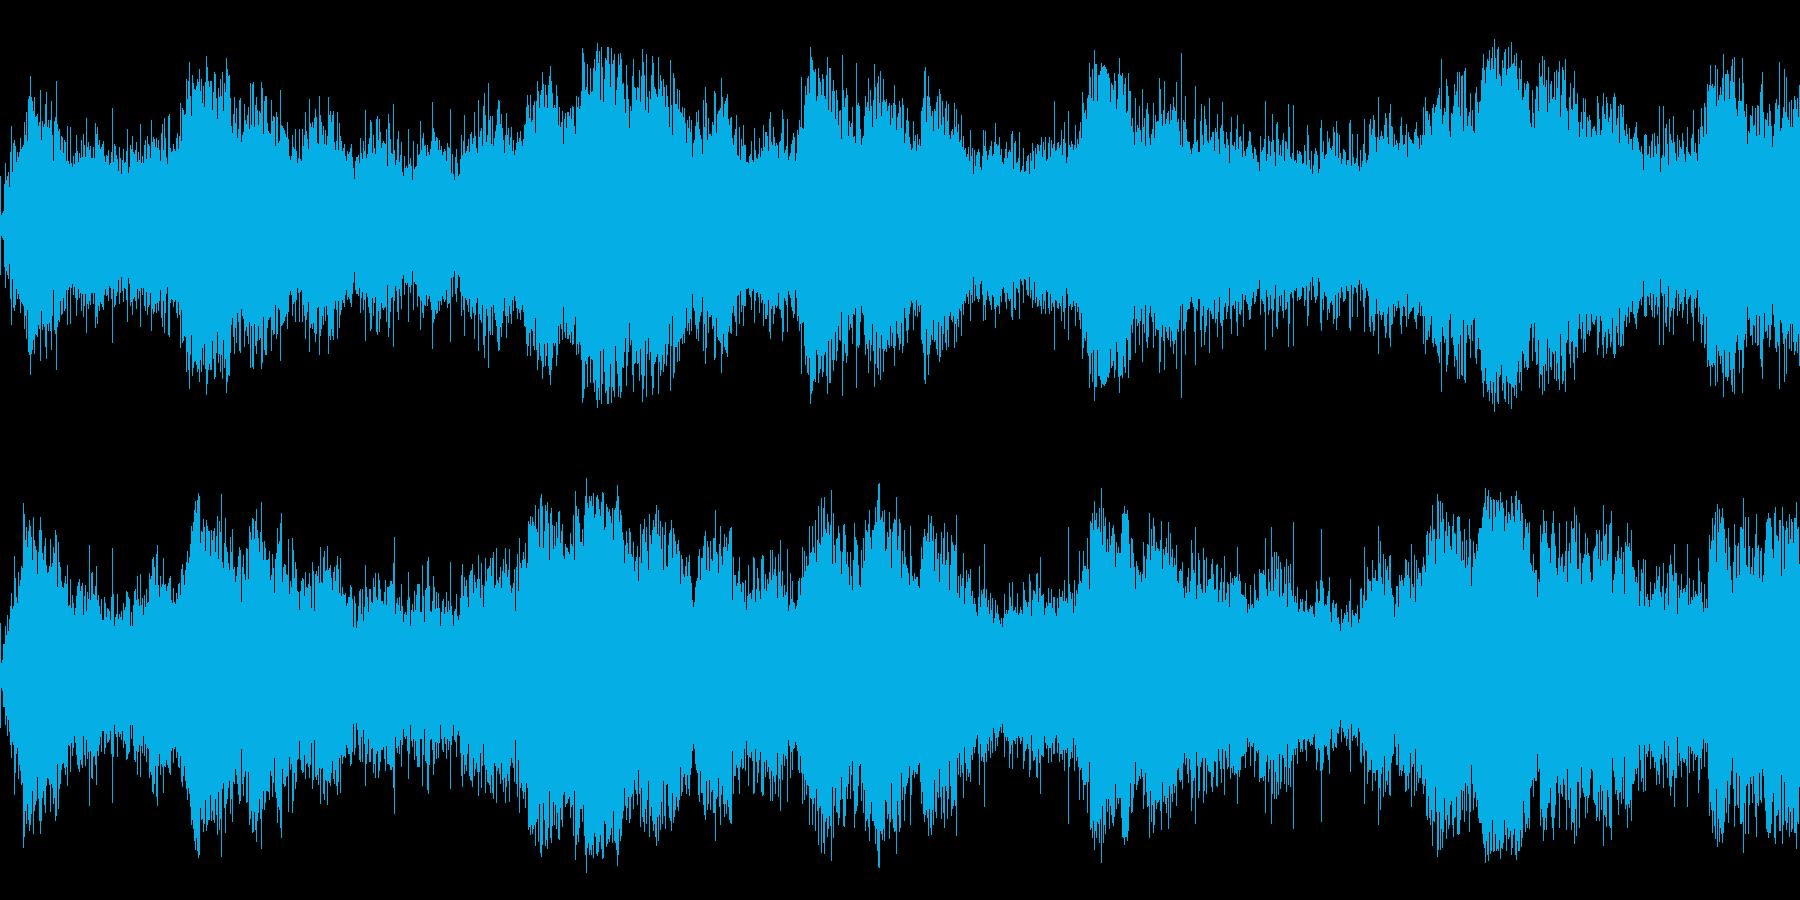 浮遊感のある宇宙っぽいアンビエントの再生済みの波形